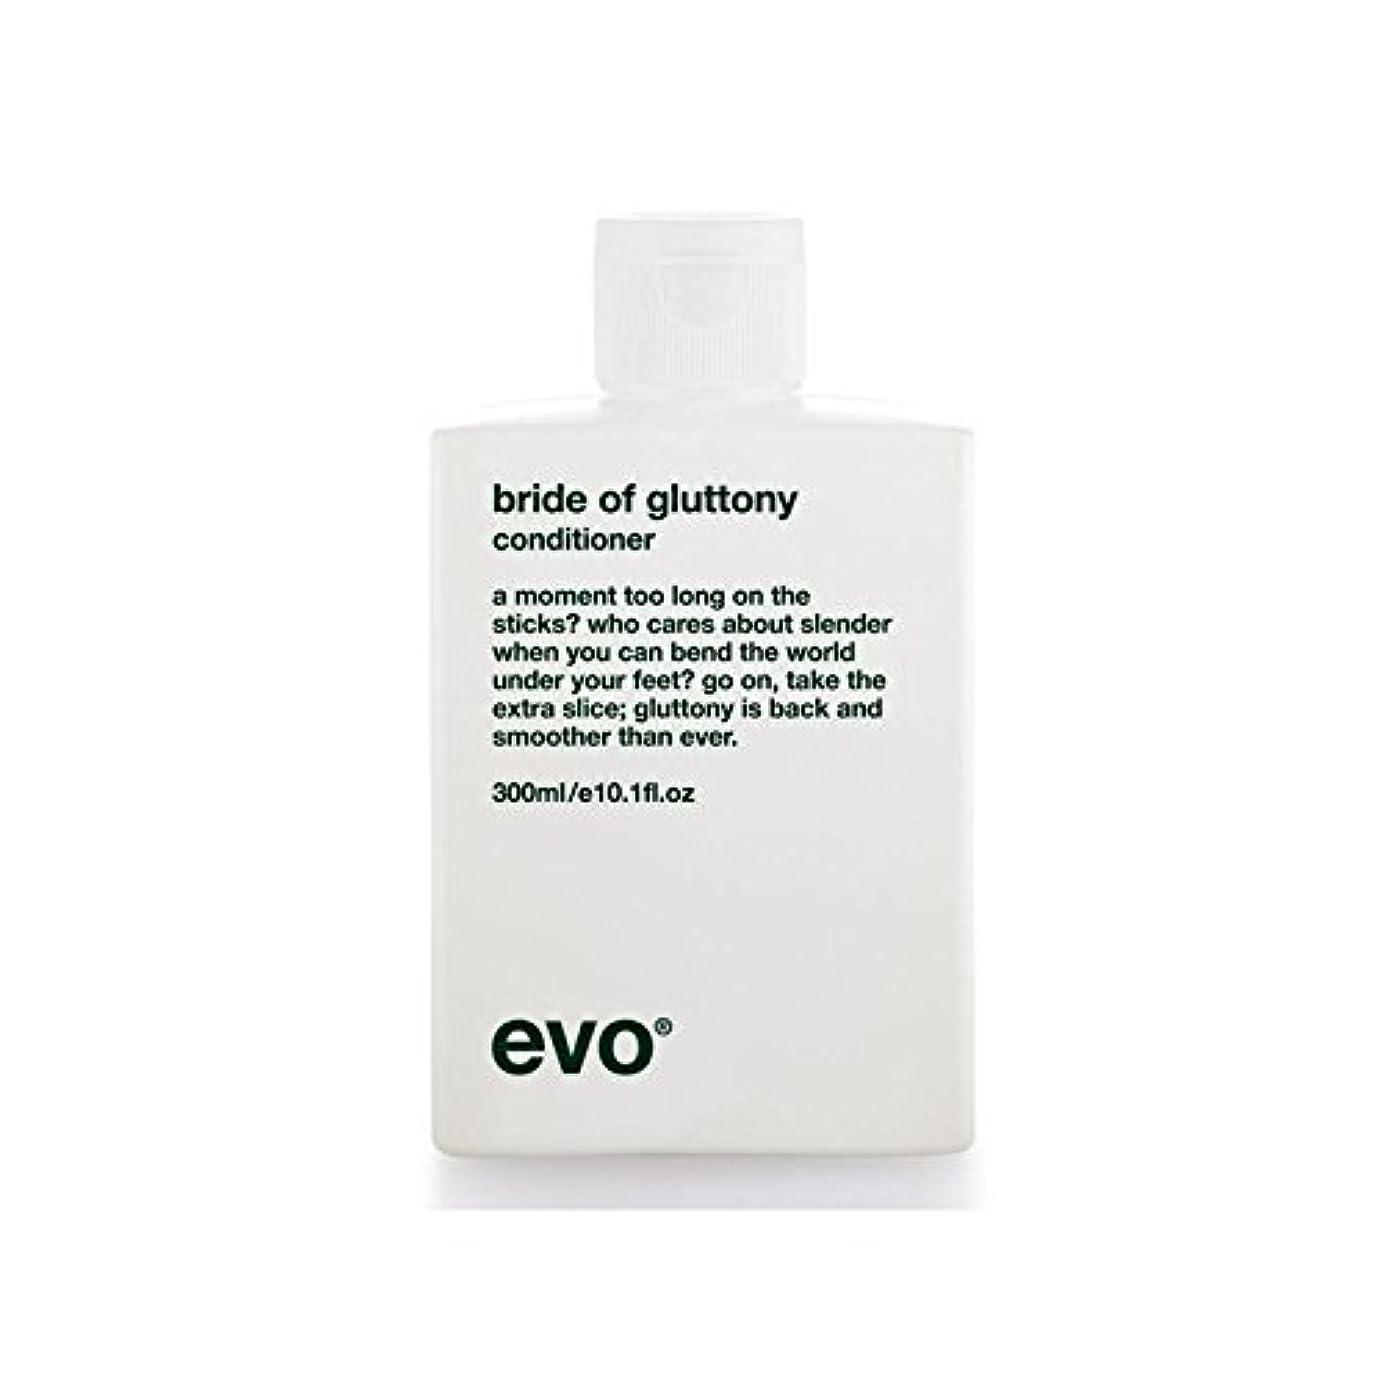 特別に収入セーブ飽食のボリュームコンディショナーのエボ花嫁 x2 - Evo Bride Of Gluttony Volume Conditioner (Pack of 2) [並行輸入品]